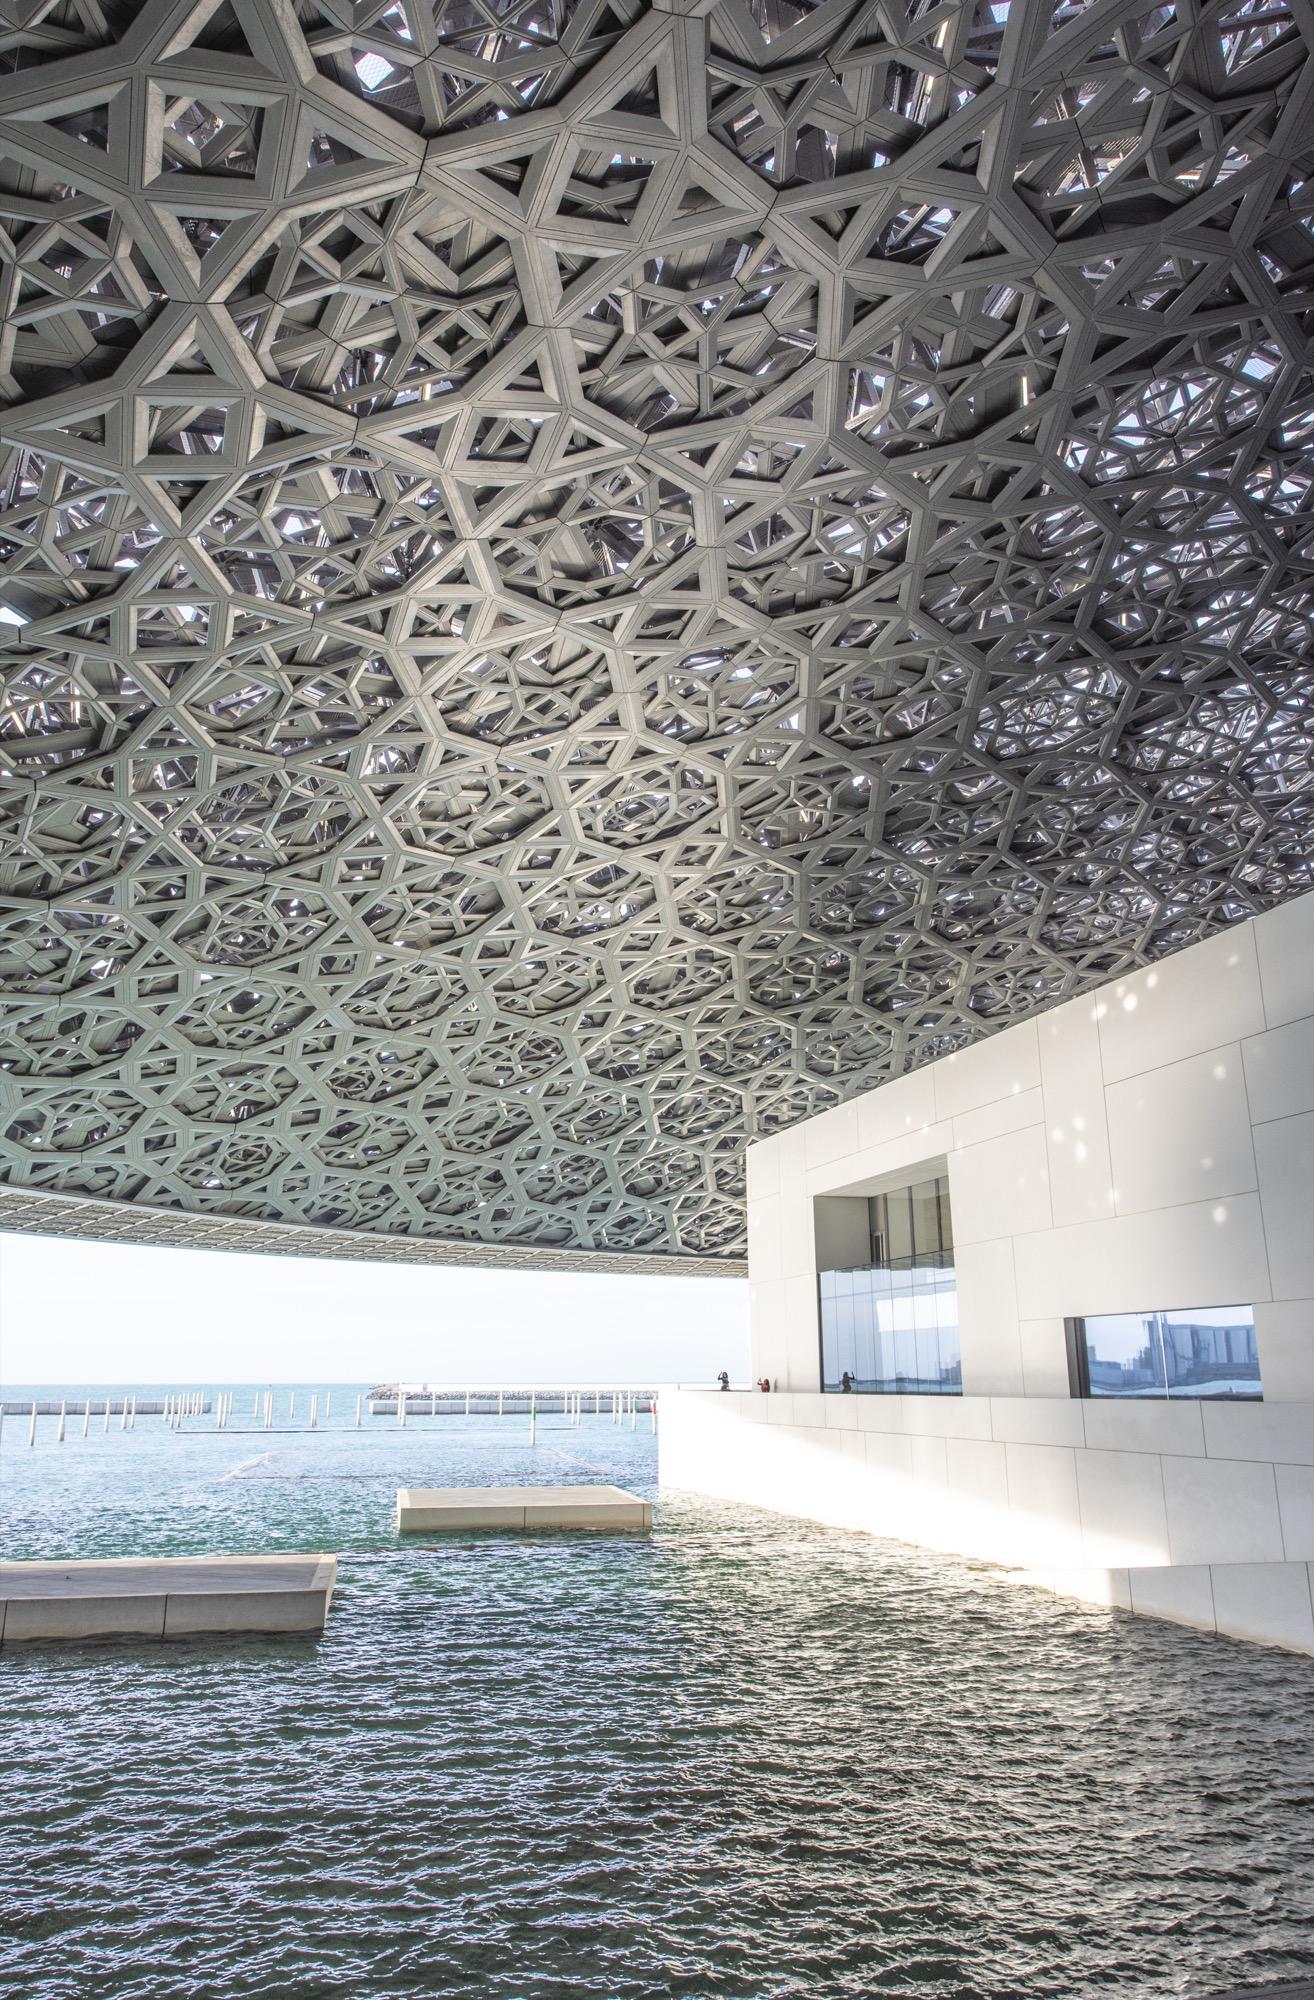 Abu Dhabi089.jpg